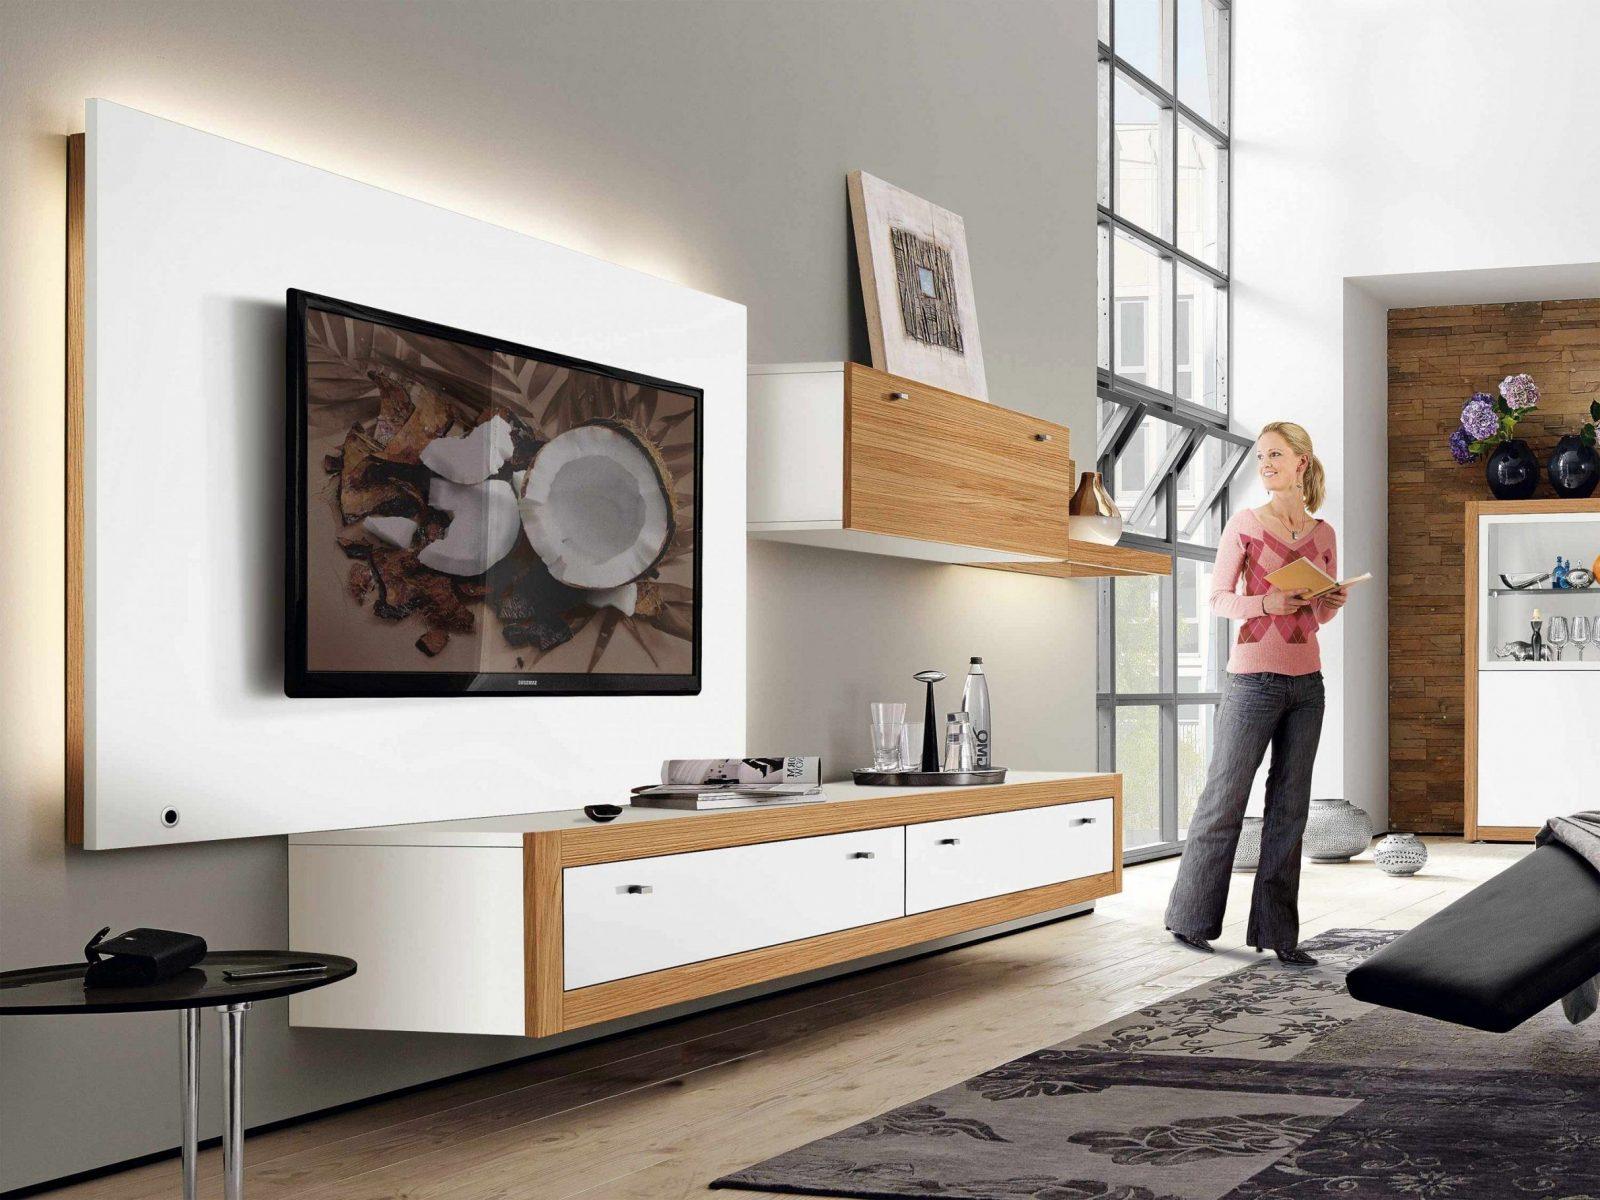 Wohnideen  Wohnwand Selber Bauen Ideen Zusammen Luxus Wohnwand von Wohnwand Selber Bauen Ideen Bild